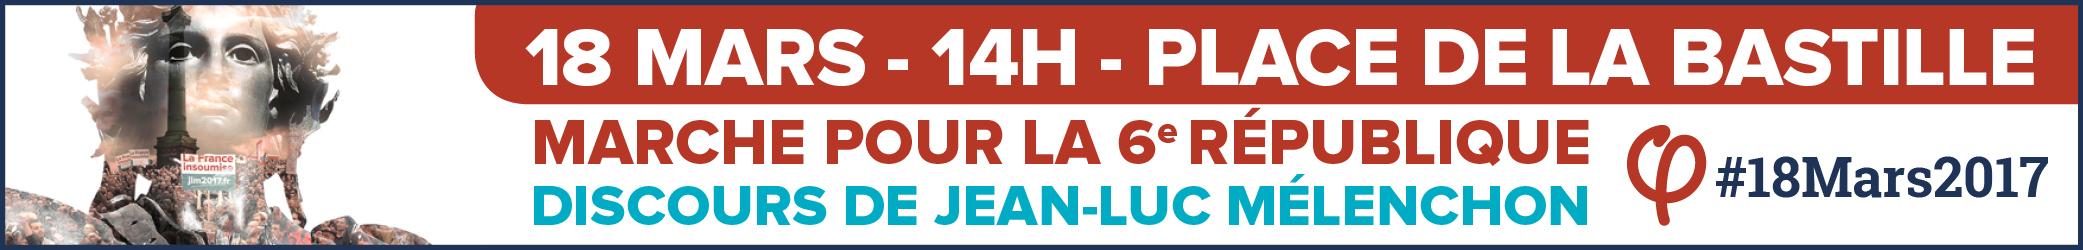 Marche pour la 6e République